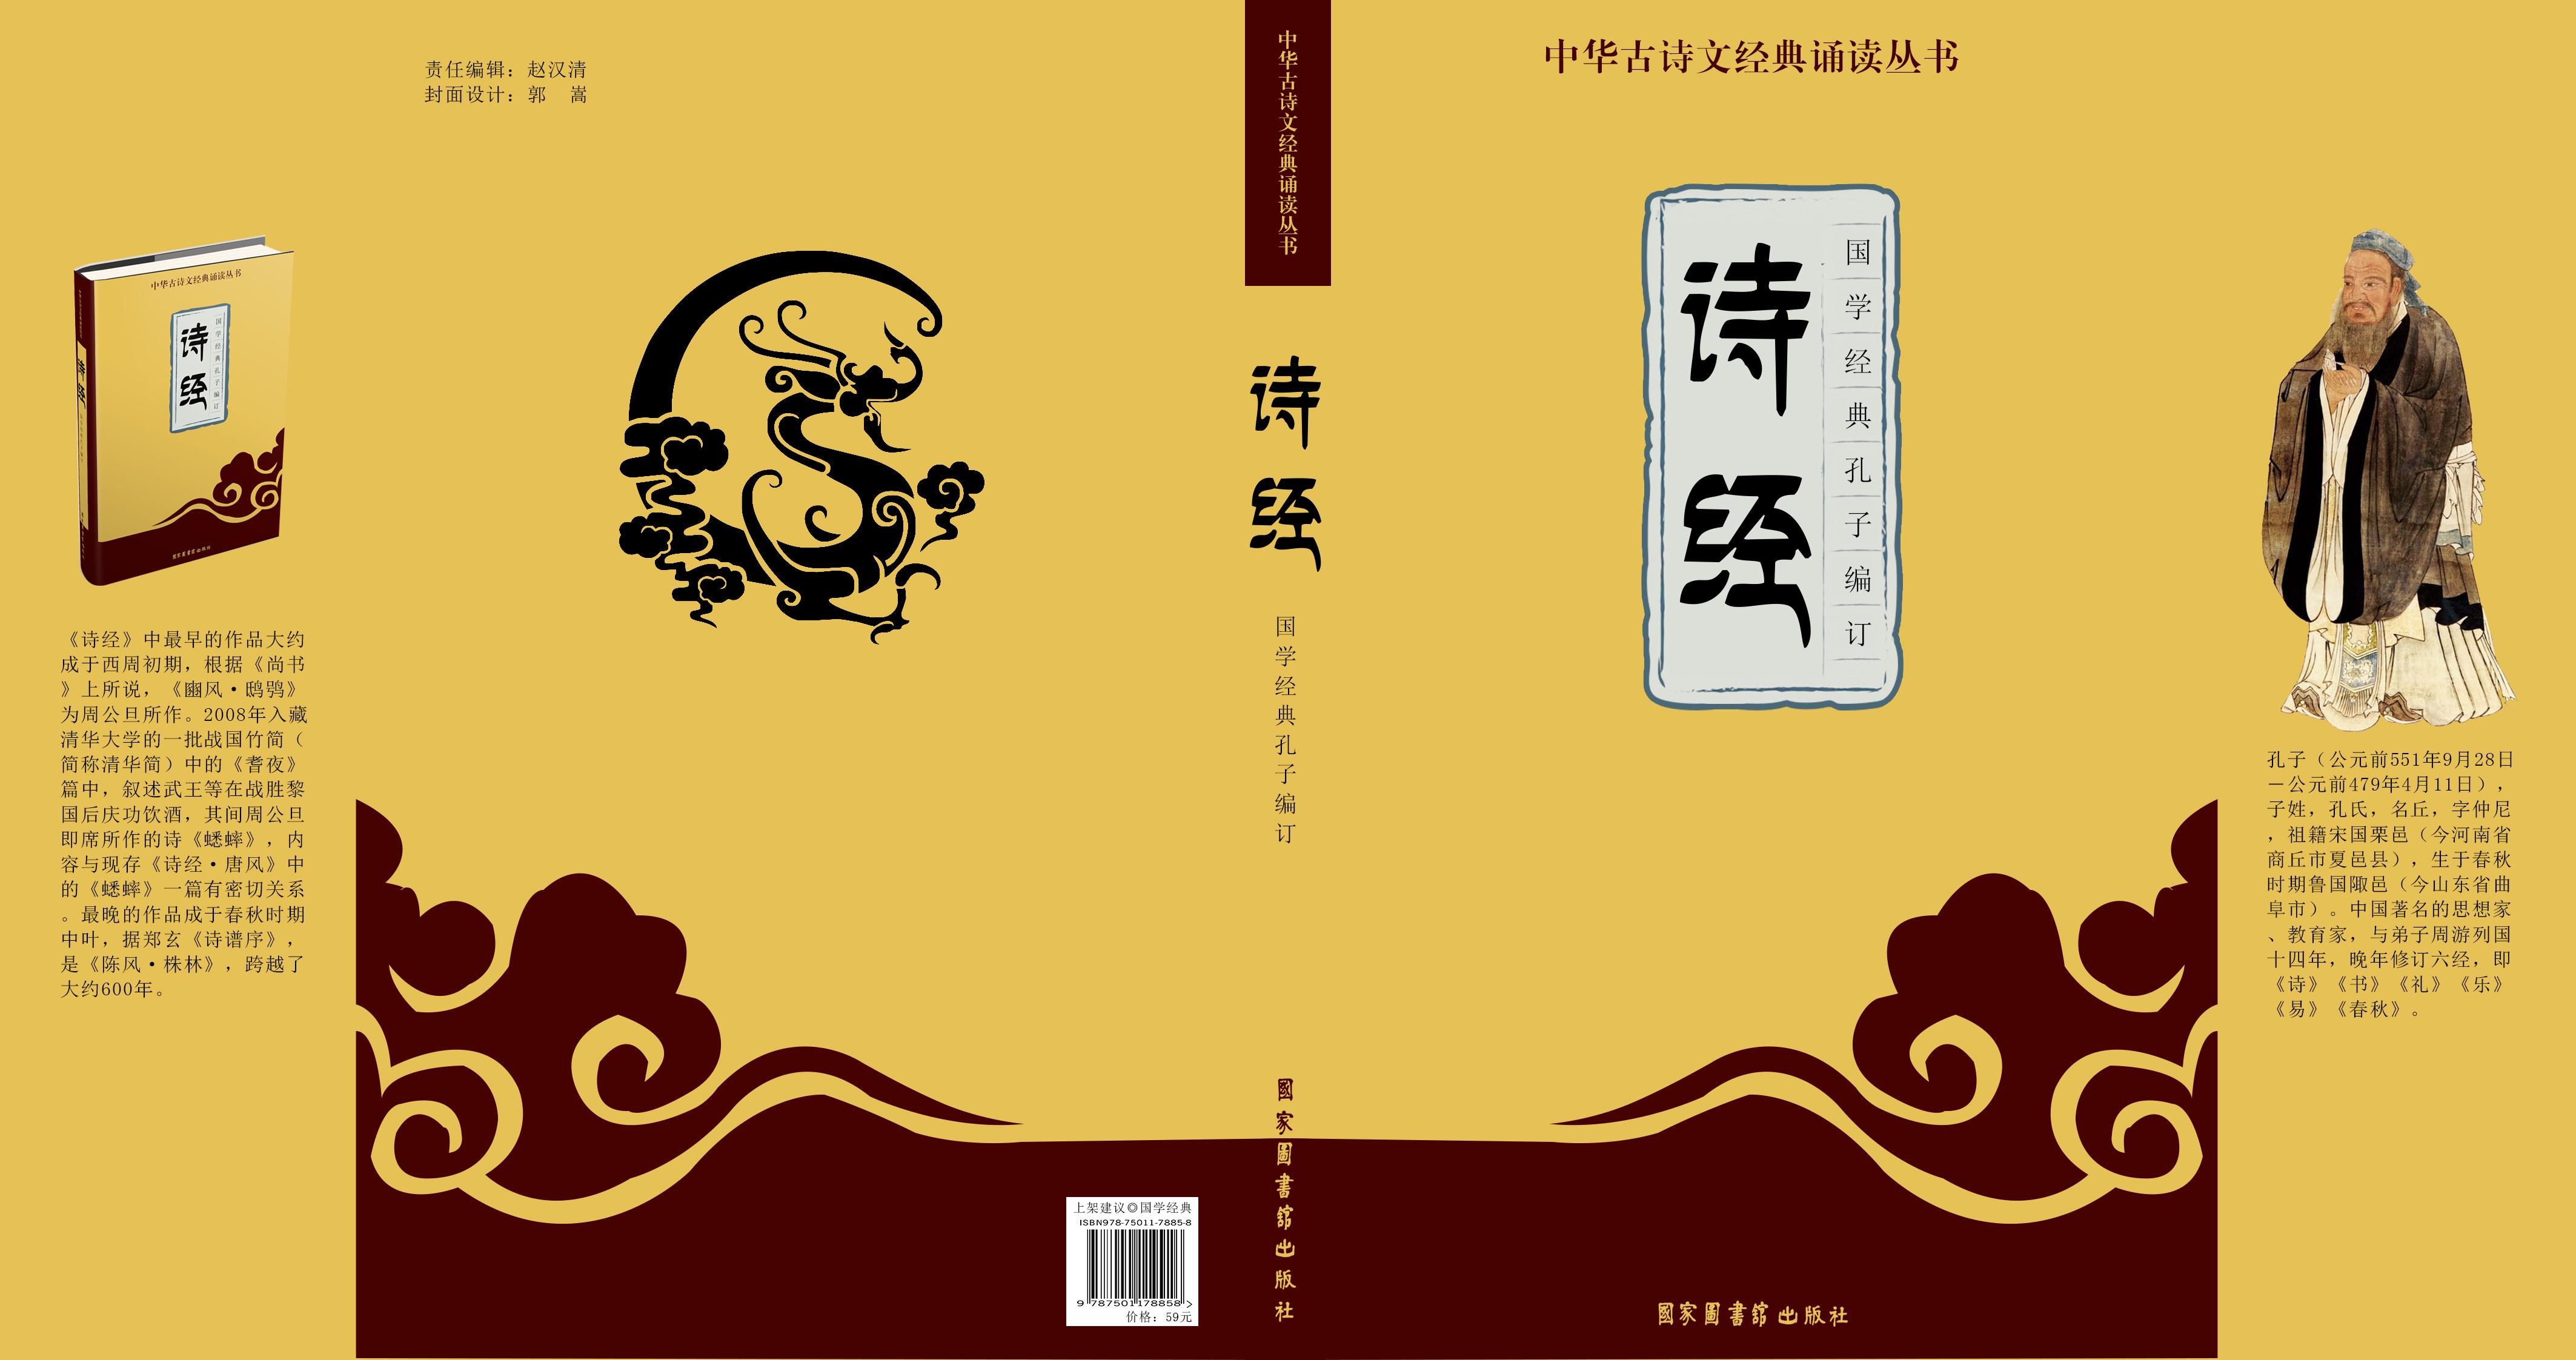 书籍装帧设计图片